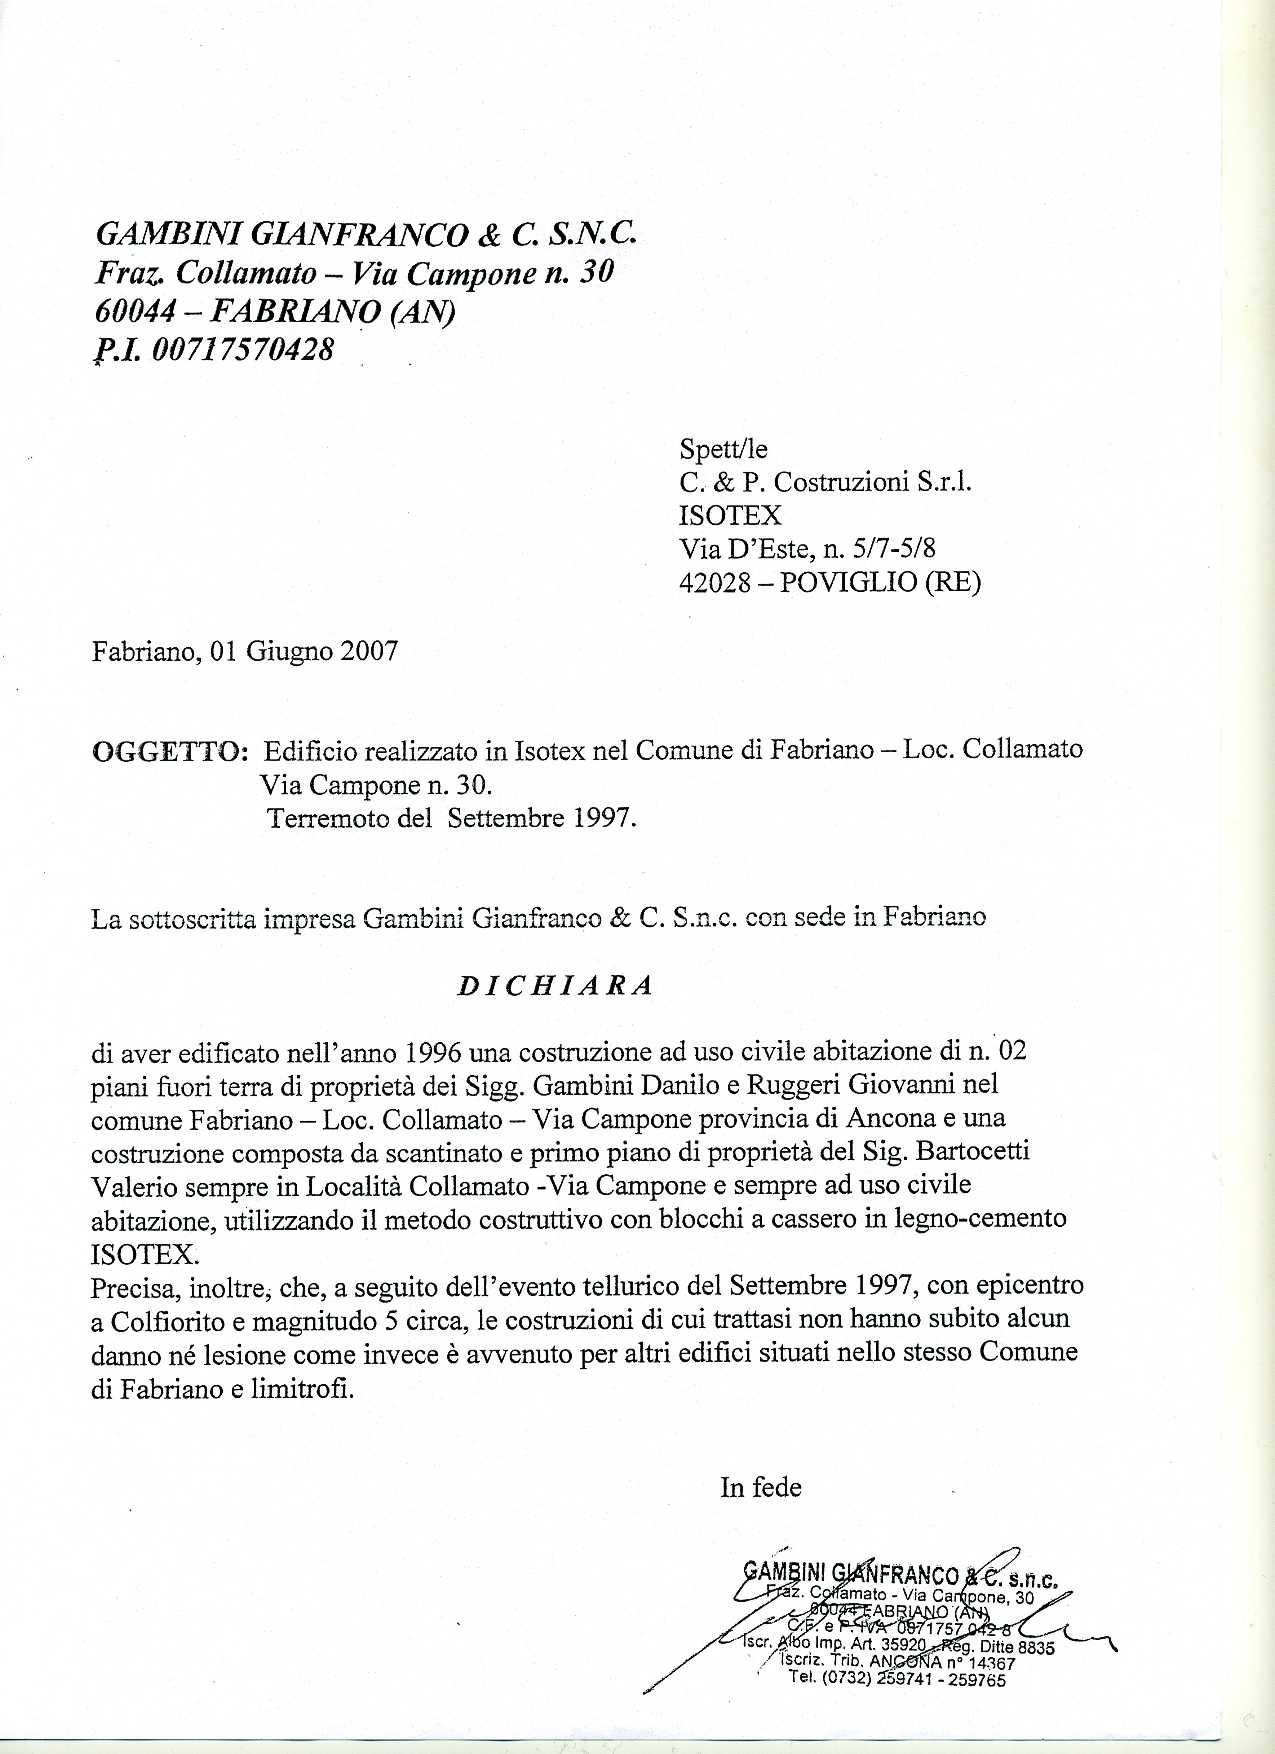 Die unterzeichnete Firma Gambini Gianfranco erklärt, dass nach dem Erdbeben von September 1997 mit Epizentrum in Colfiorito und Stärke 5 circa, die Gebäude keinerlei Schäden oder Risse erlitten haben